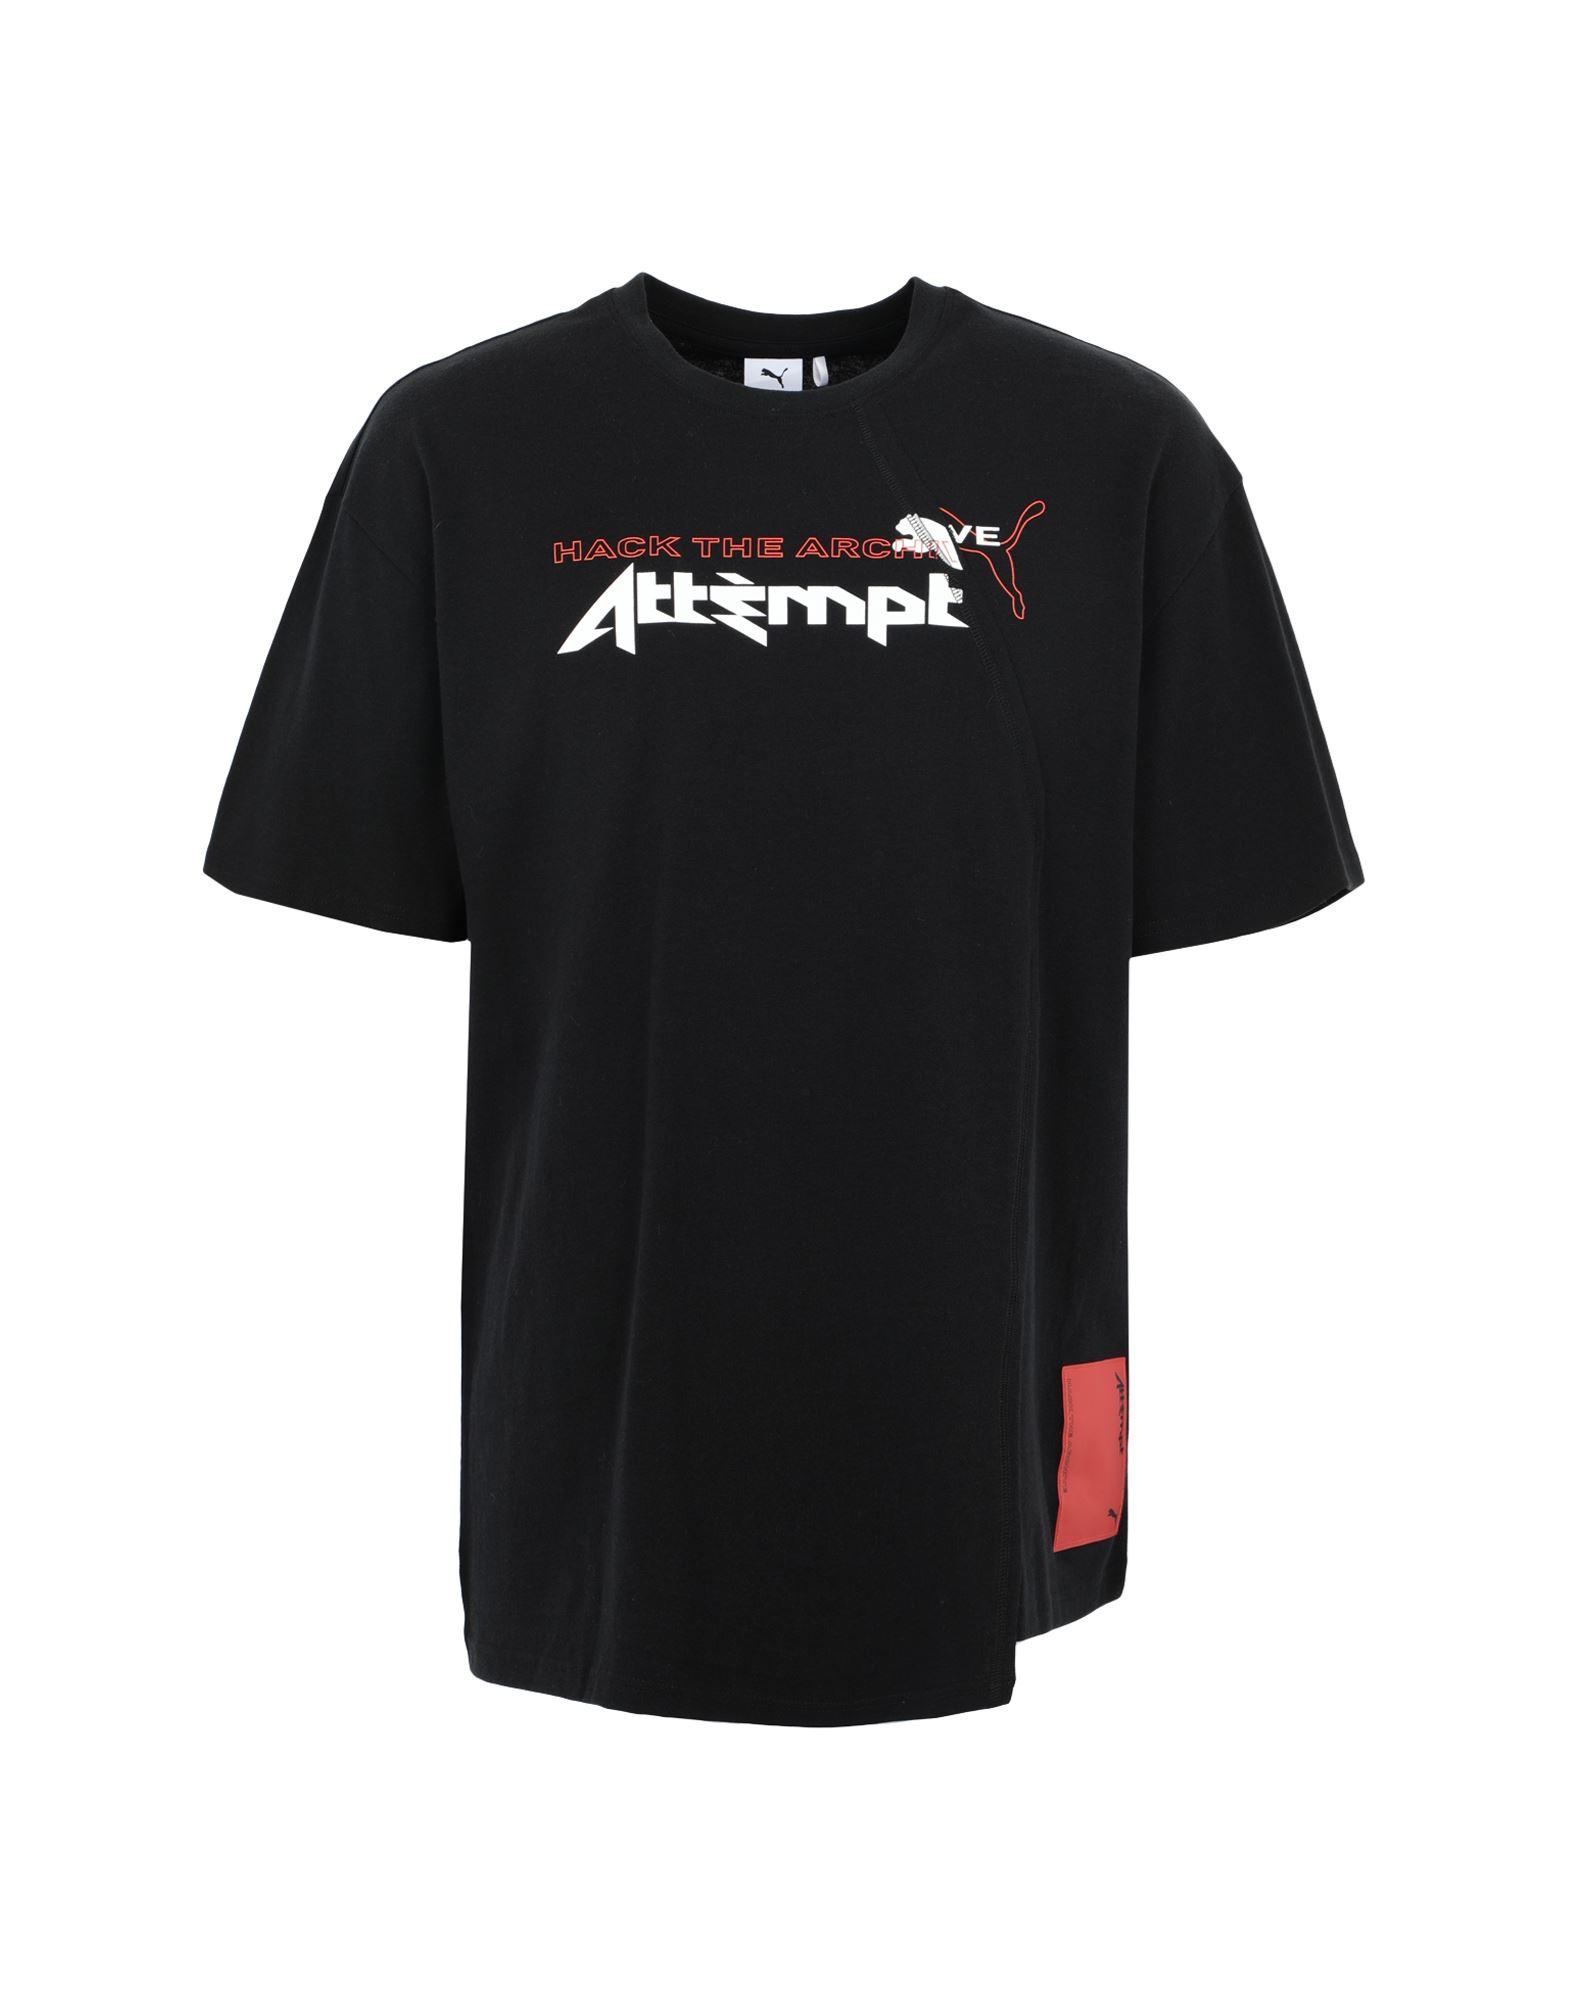 Фото - PUMA x ATTEMPT Футболка puma x porsche design футболка